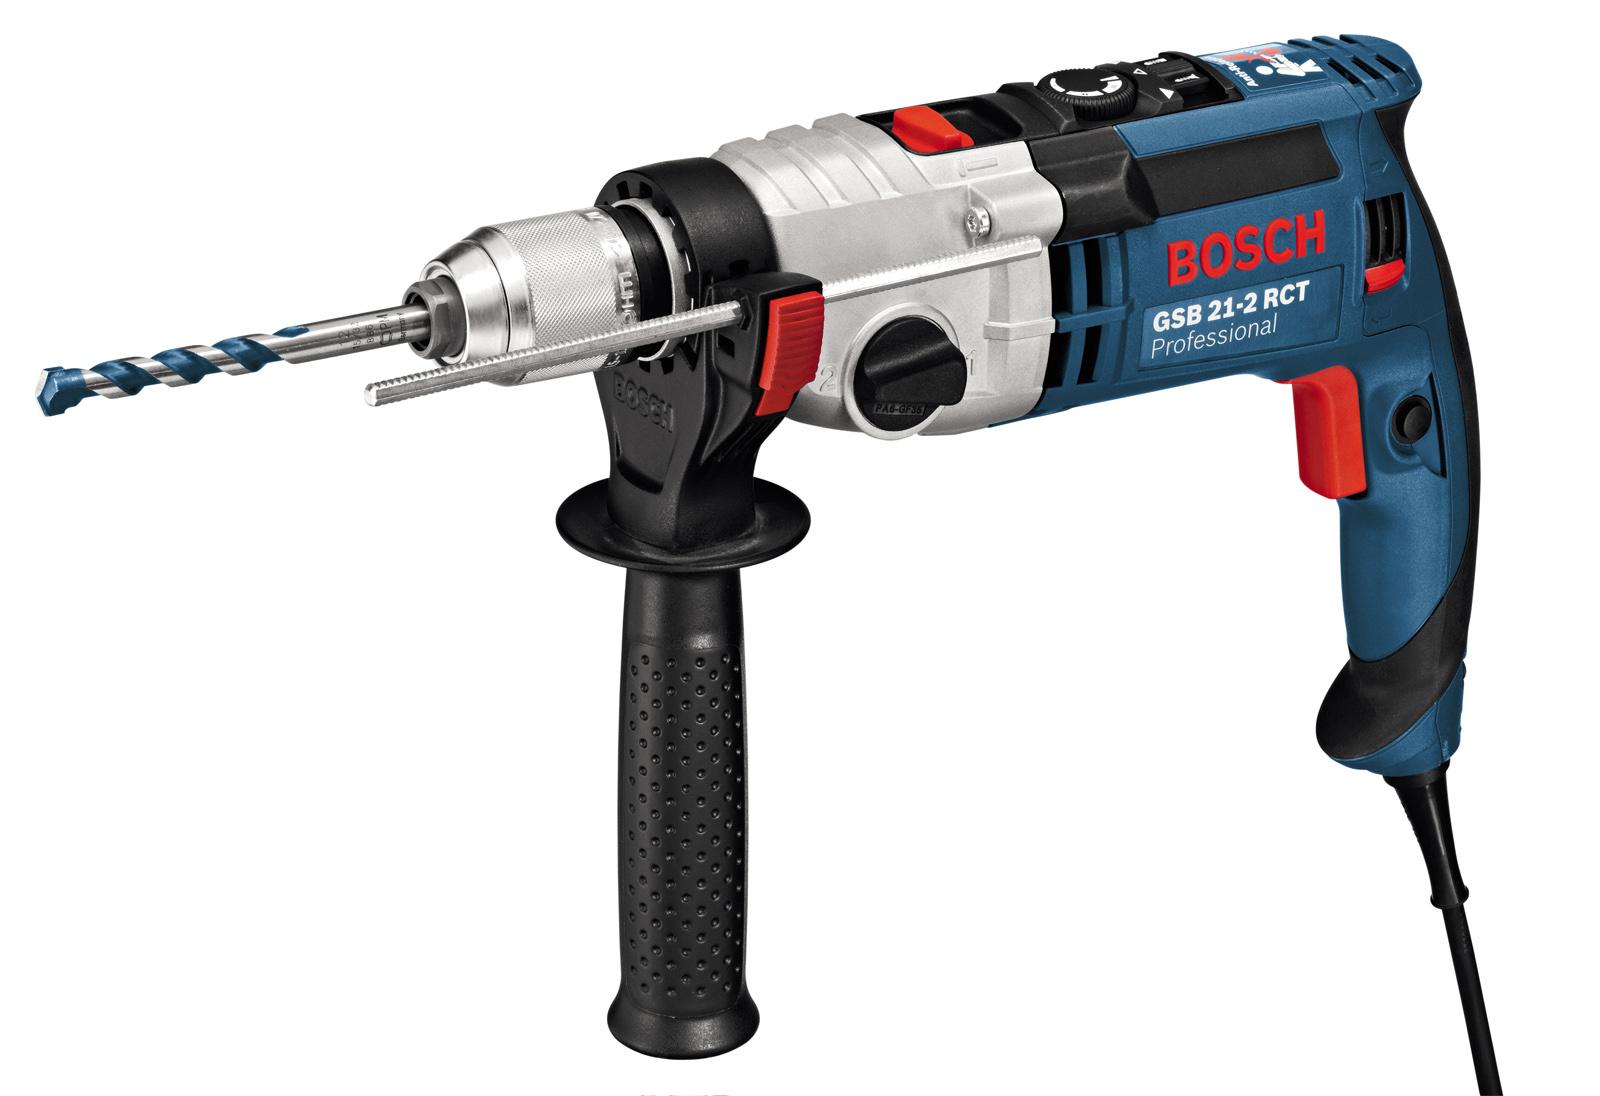 Дрель ударная Bosch Gsb 21-2 rct